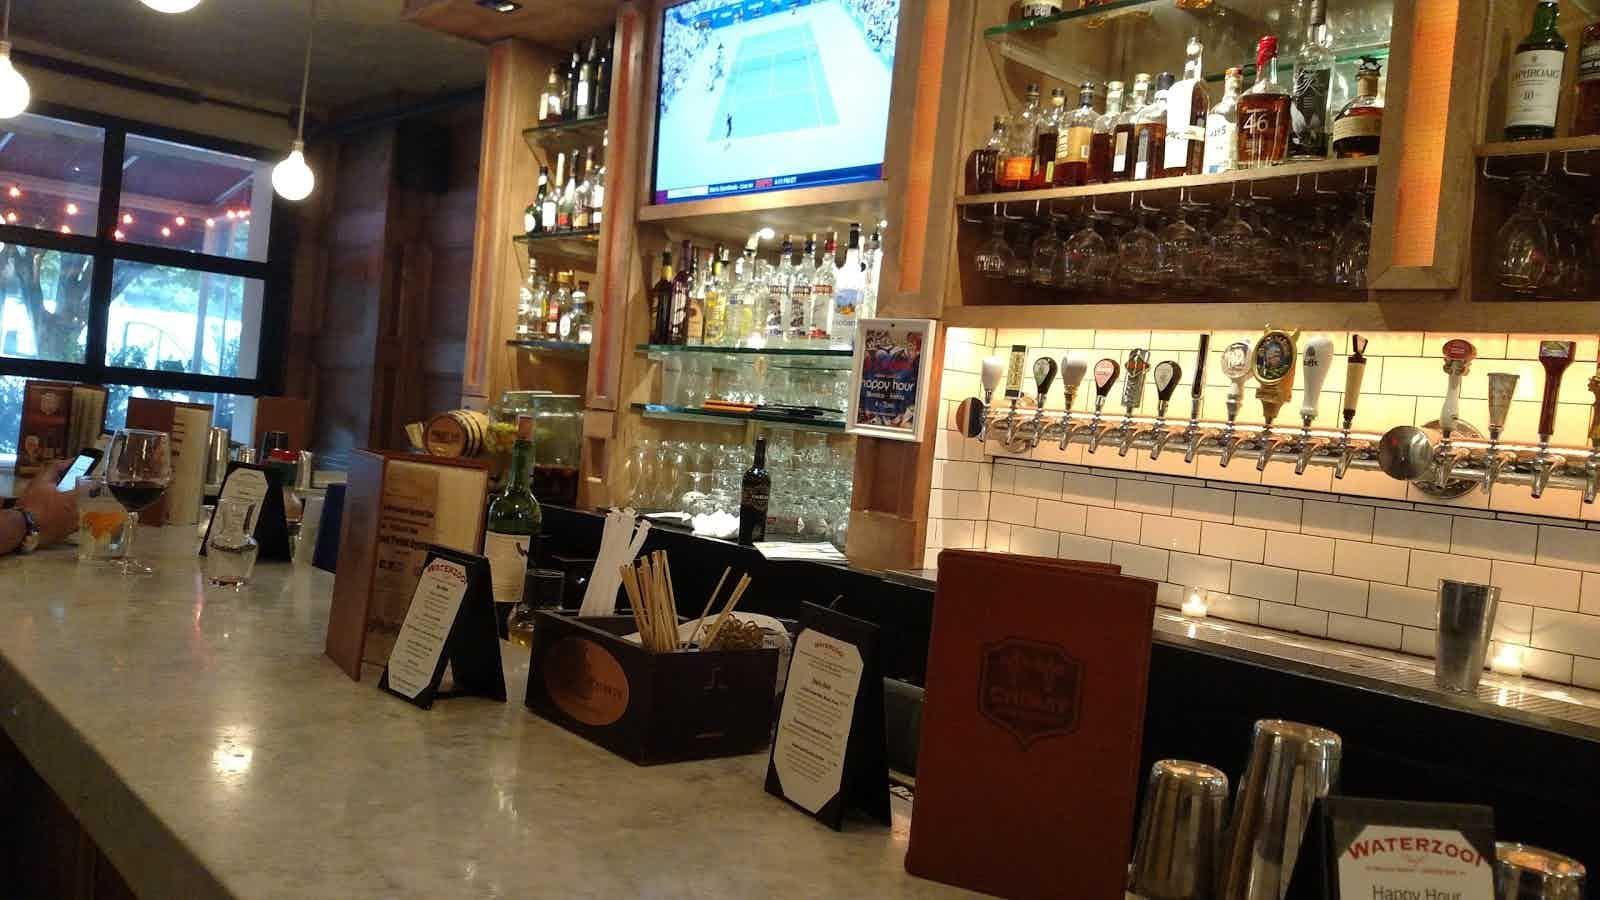 Waterzooi Belgian Bistro & Oyster Bar - Garden City | Restaurant ...